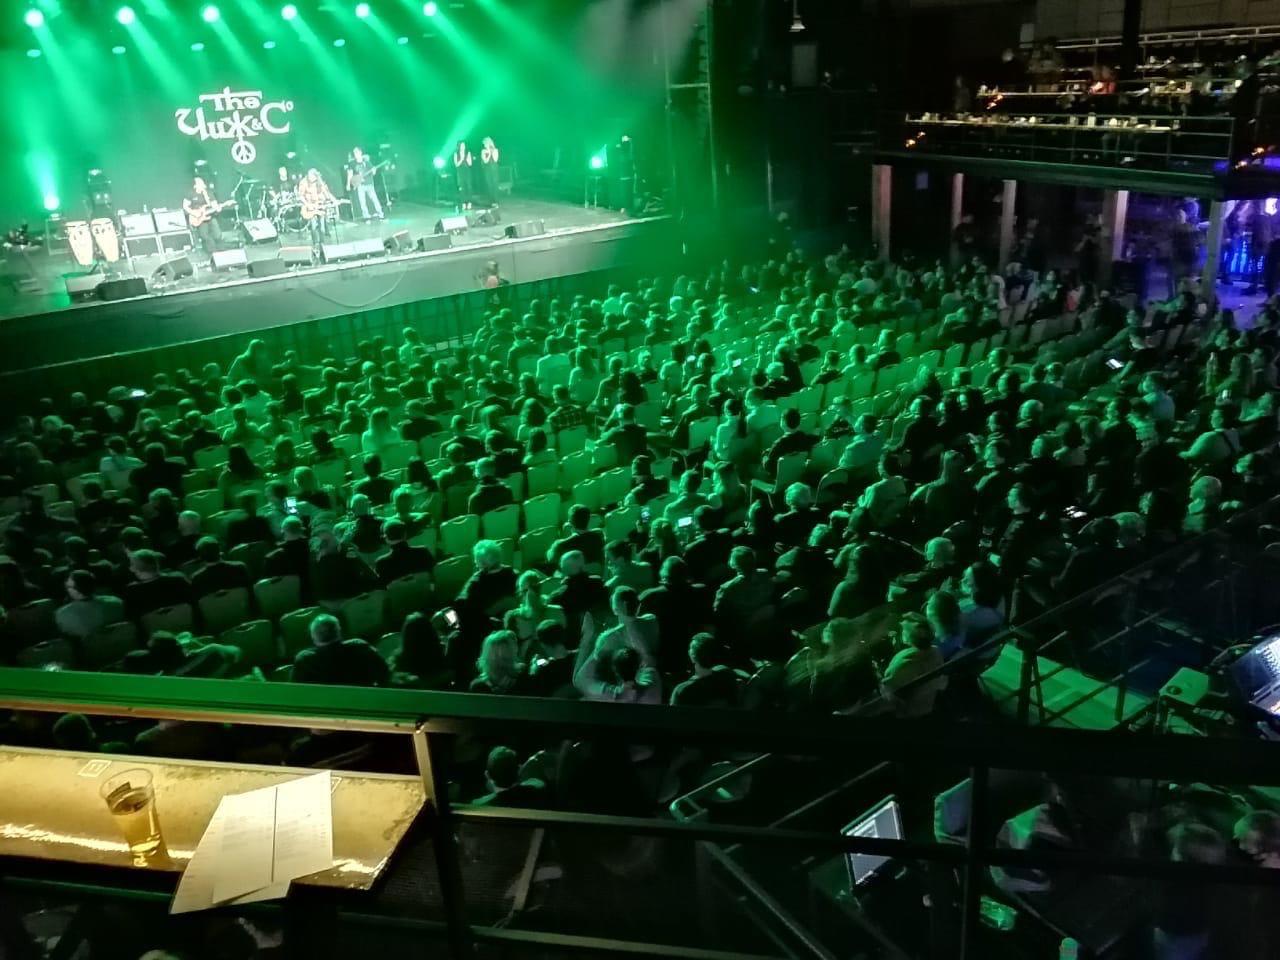 Концерт группы «Чиж & Co»